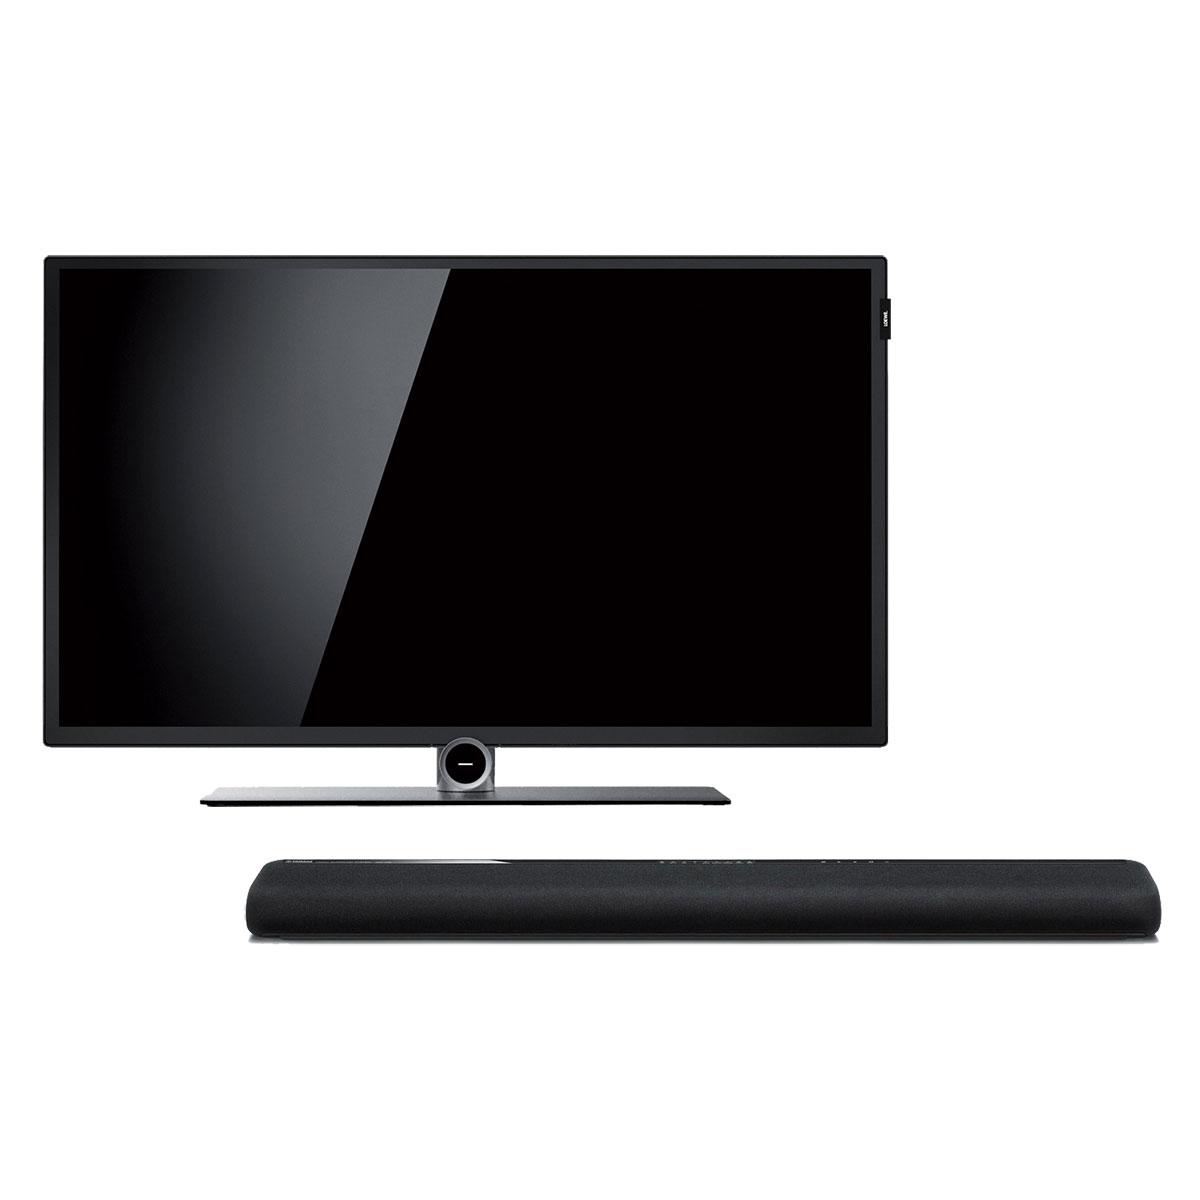 """TV Loewe Bild 1.32 Noir + Yamaha YAS-106 Noir Téléviseur LED Full HD 32"""" (81cm) 16/9 - 1920 x 1080 pixels - HDTV 1080p - Wi-Fi + Barre de son 2.1 - 120 Watts - Dolby/DTS - Bluetooth - HDMI 4K - Subwoofer intégré"""